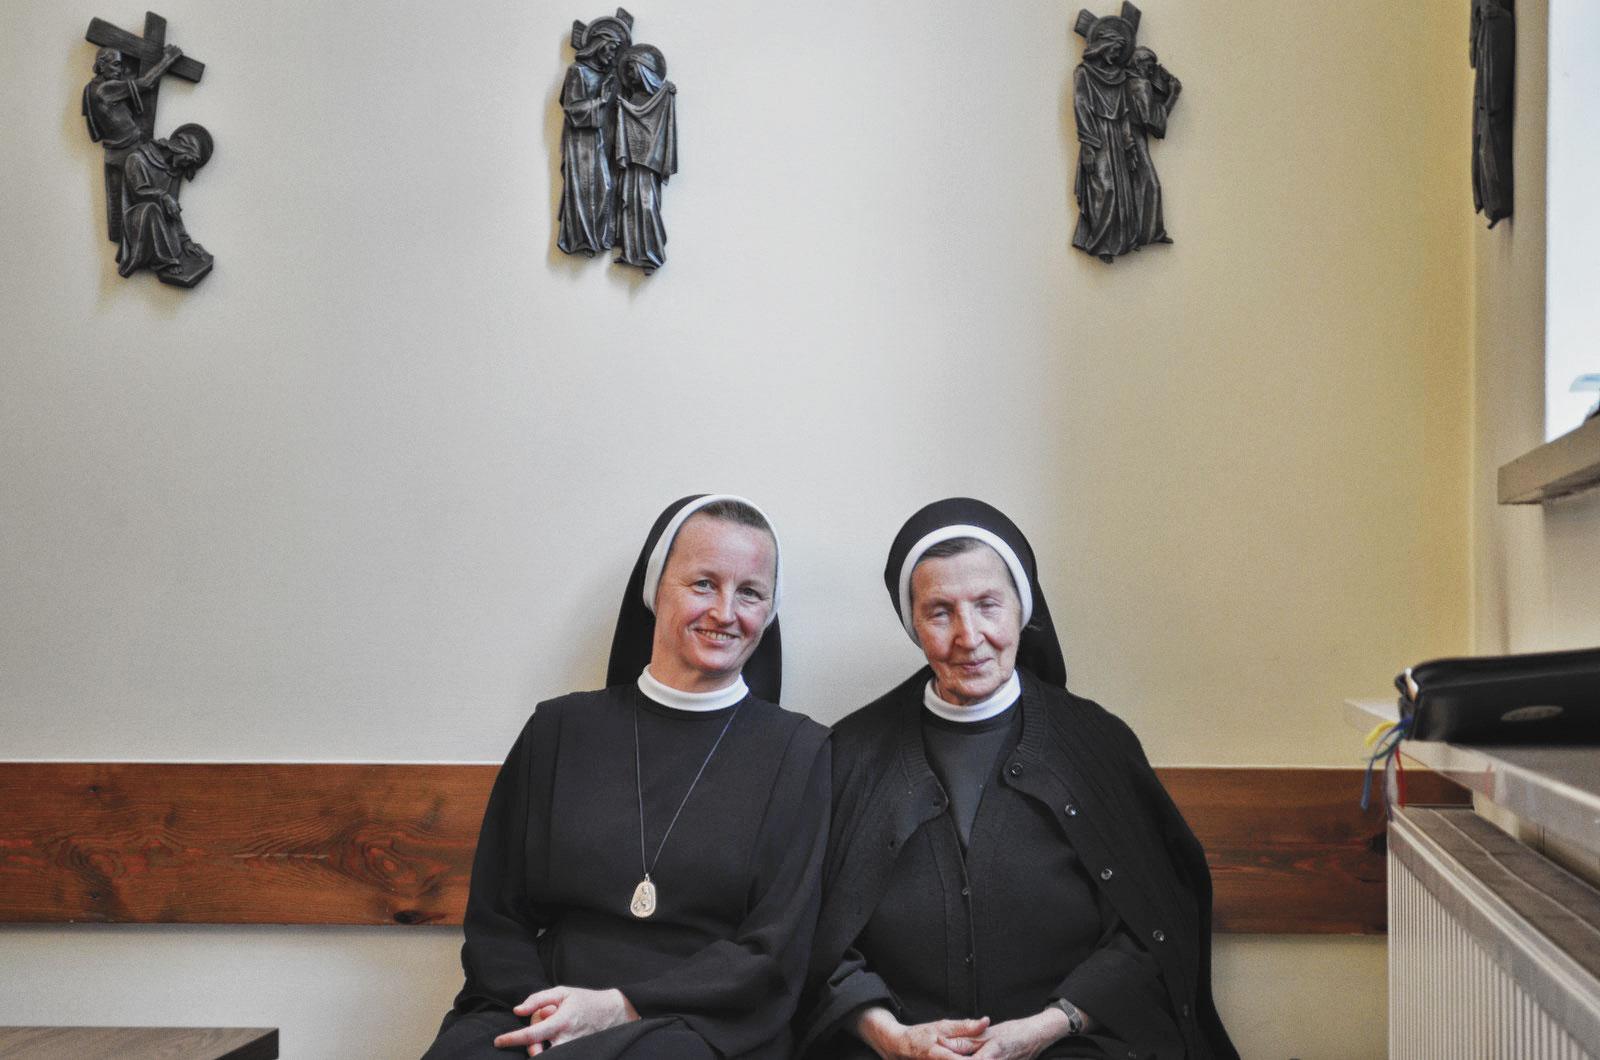 Sióstr_św_Elżbiety-Pierwsze_Śluby_fotorelacja-I-SLUBY-DSC_0557-min.jpg